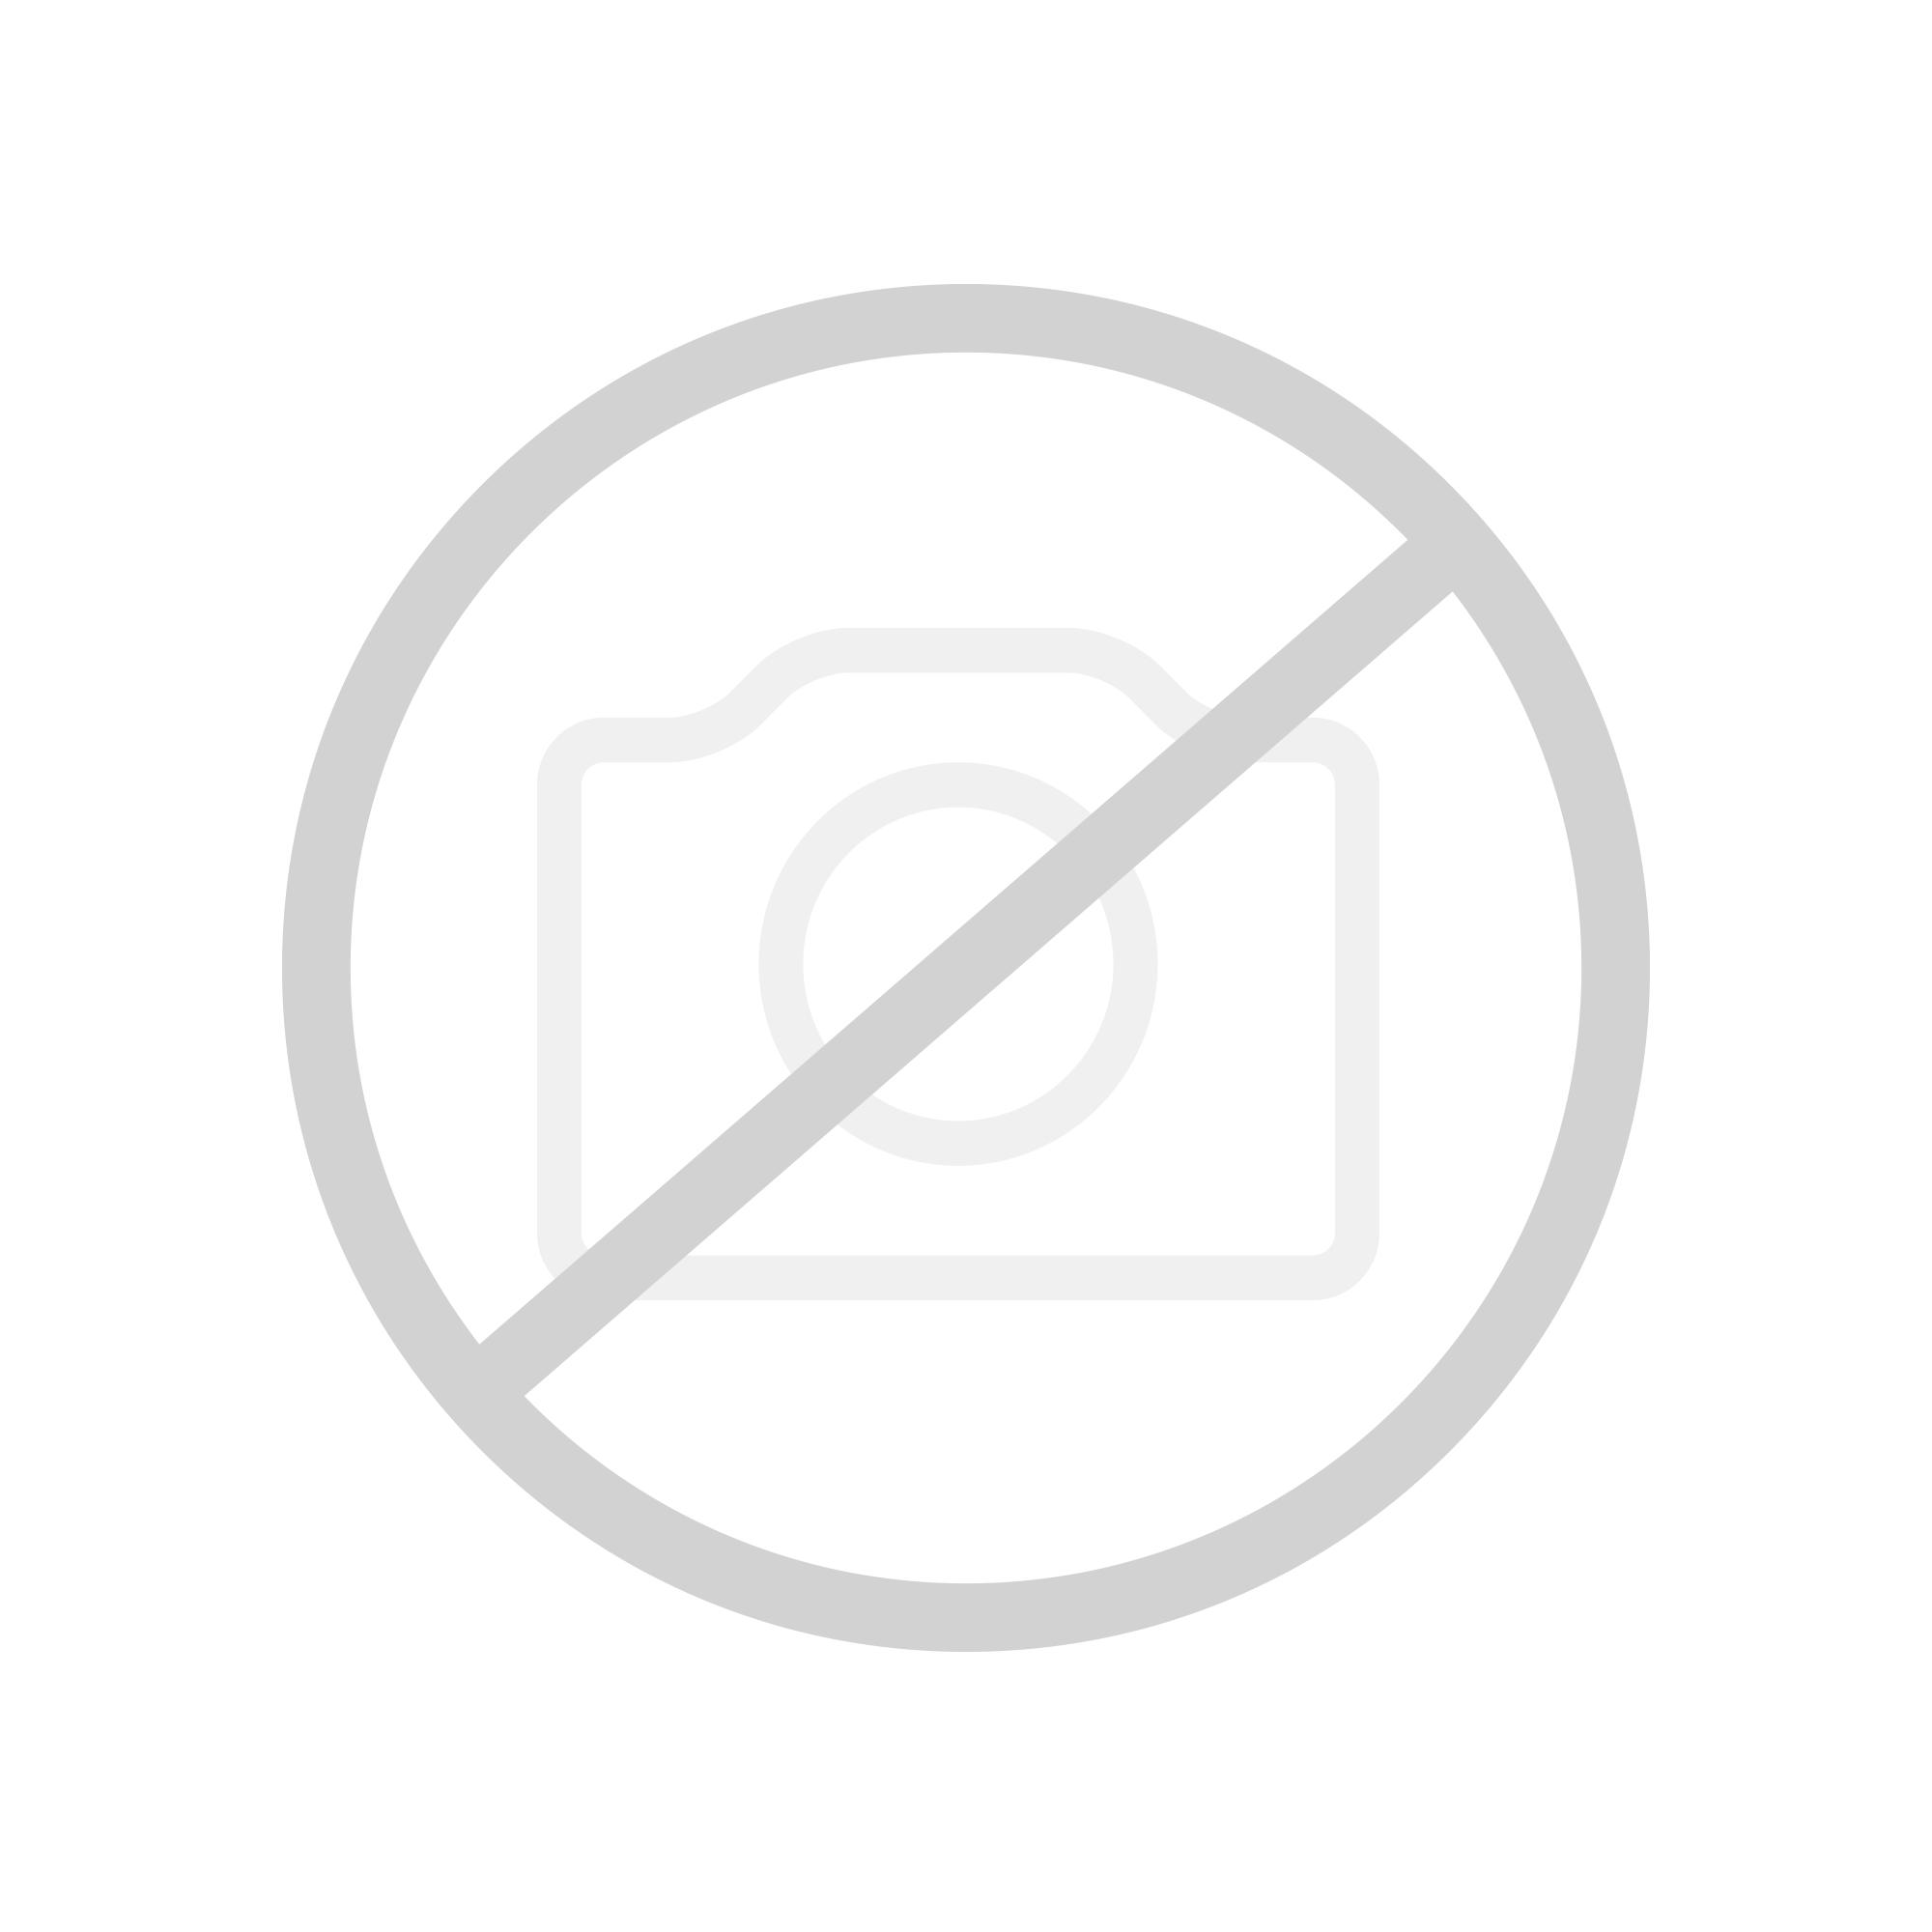 dornbracht tara brausebatterie f r wandmontage mit standbrause schwarz matt 26621892 33. Black Bedroom Furniture Sets. Home Design Ideas